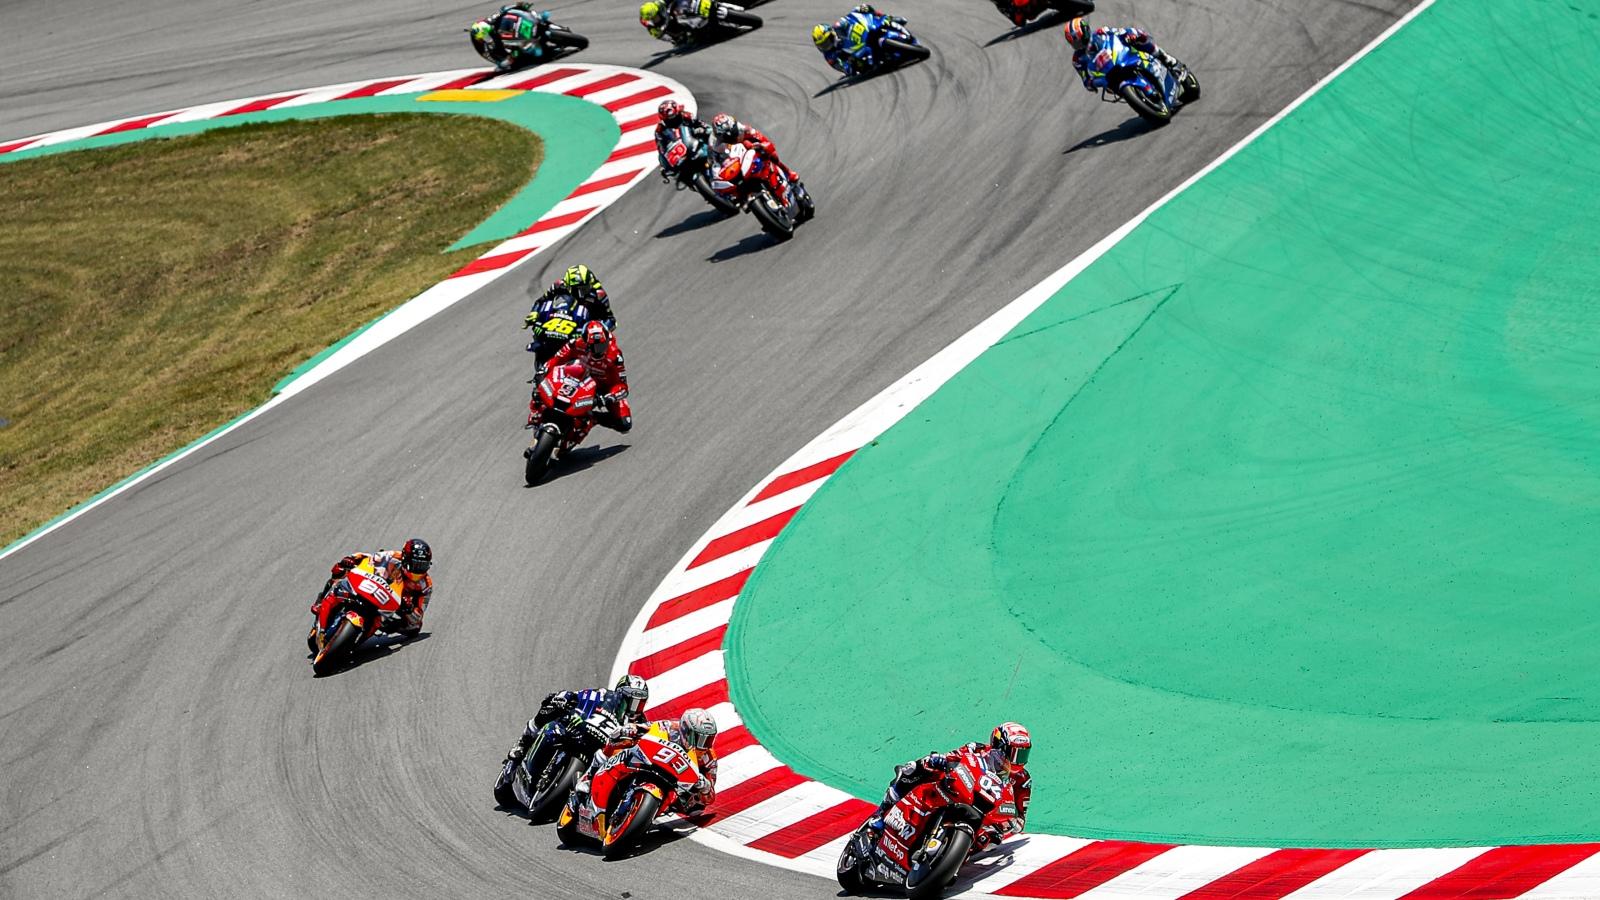 Píldoras MotoGP Catalunya 2019: Fin del laberinto, tres en raya y los universos paralelos